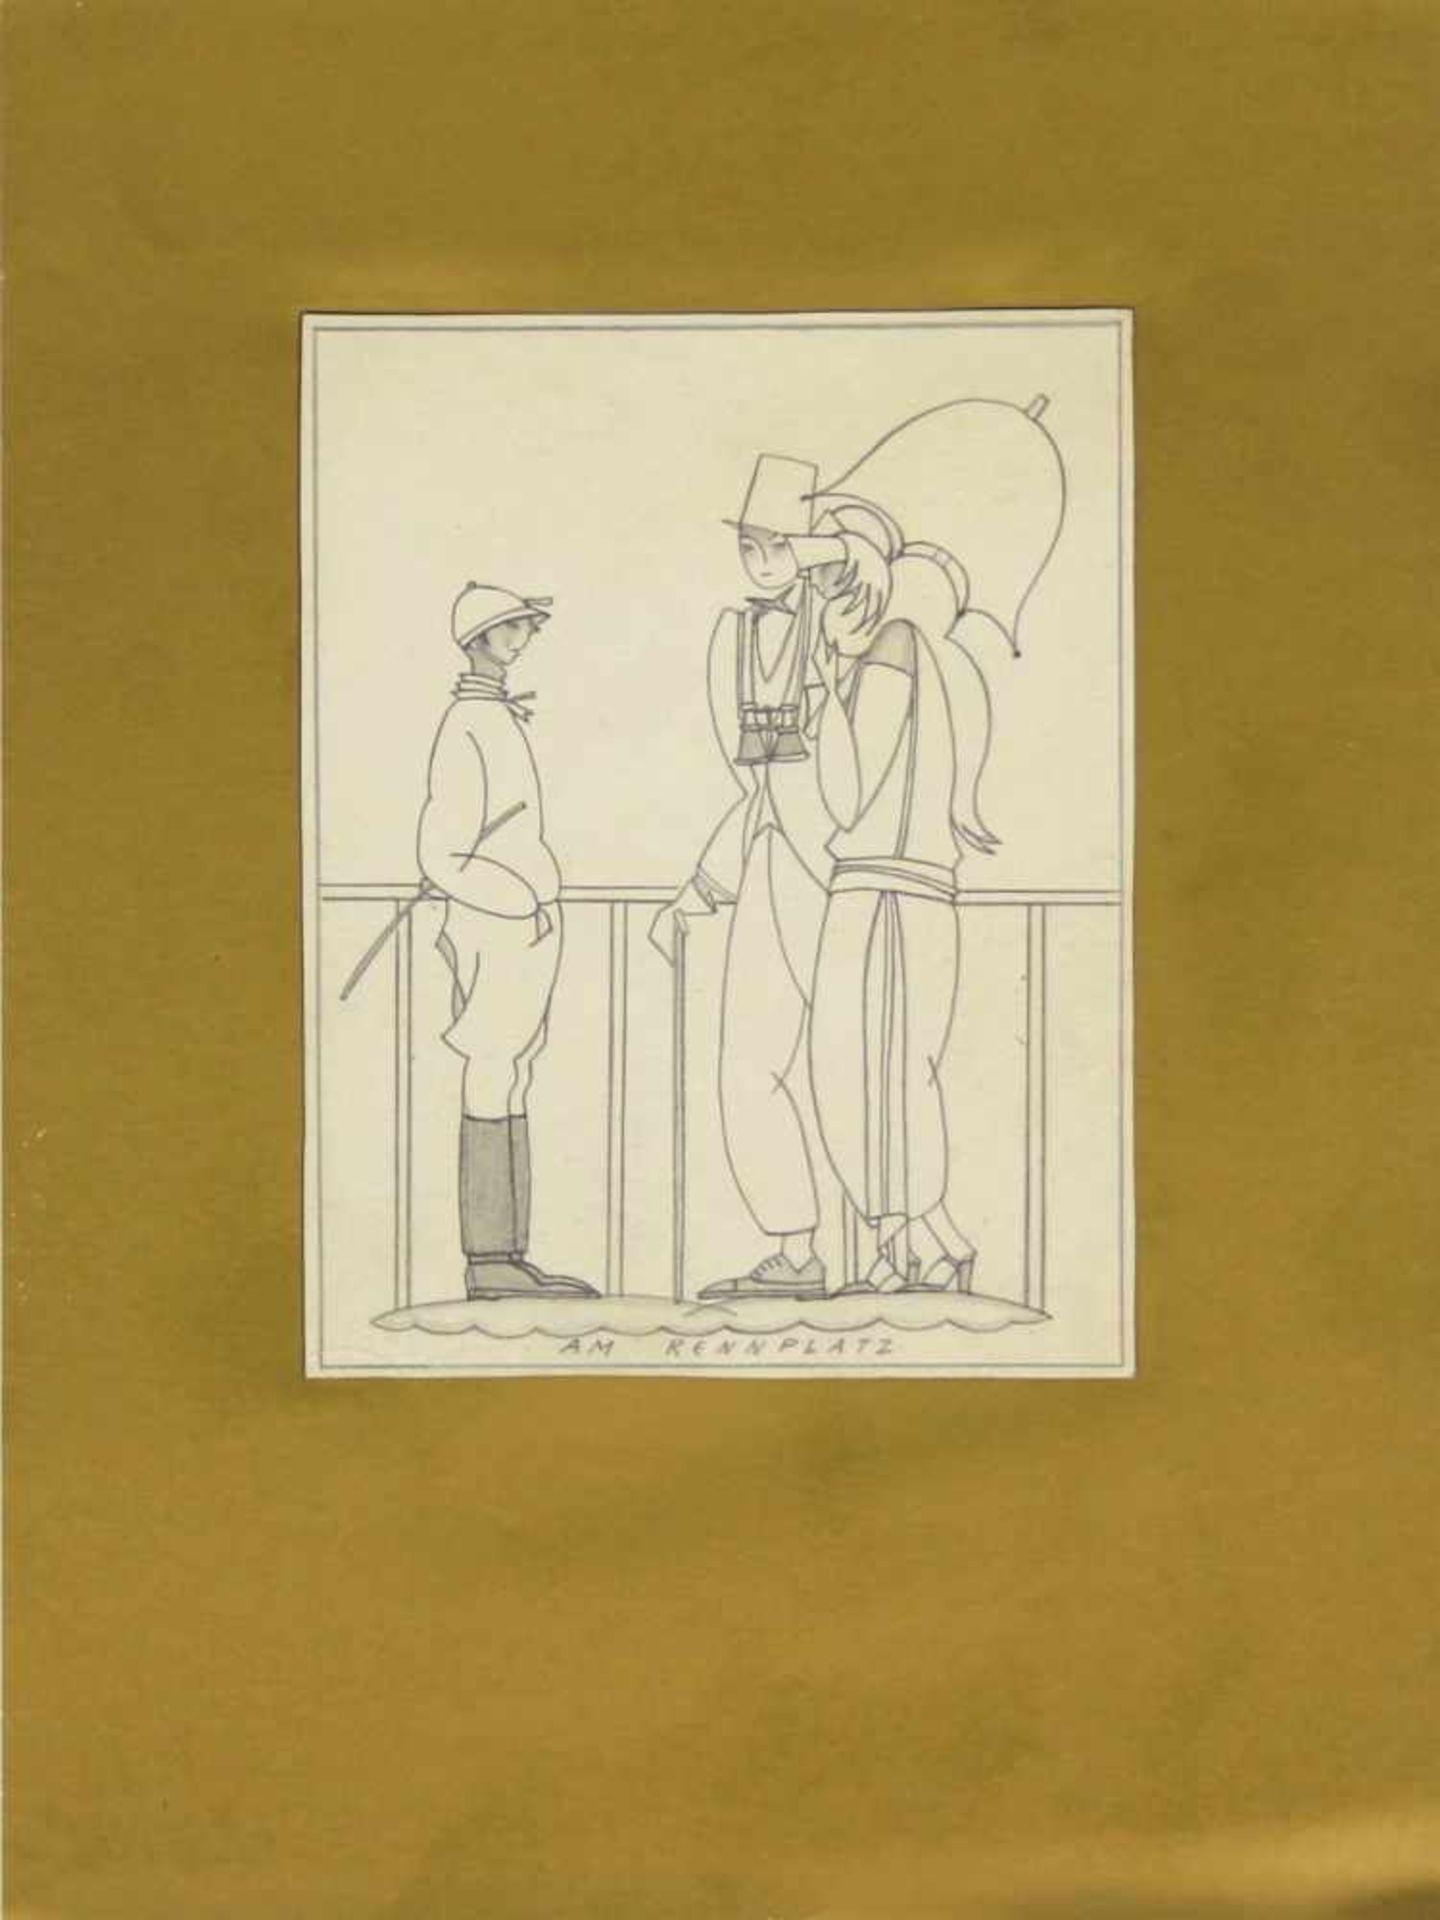 Grete Jelinek-Wiglitzki Konvolut aus 3 Zeichnungen der Künstlerin um 1930 Graphit 3 Zeichnungen 15 x - Bild 5 aus 6